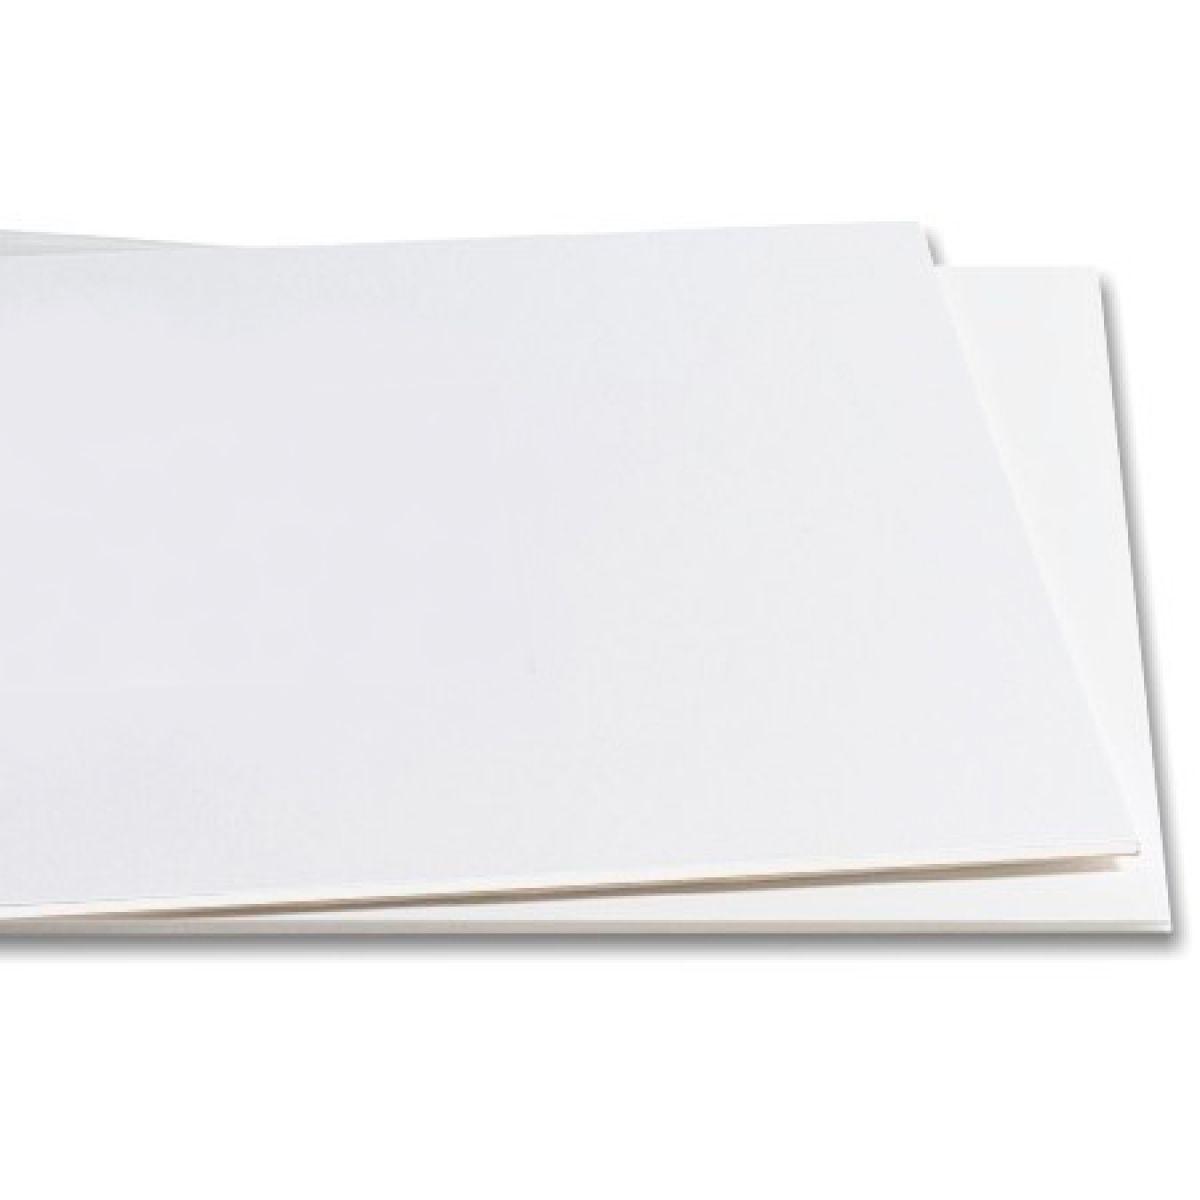 Papel Couche Brilho 170g A4 Embalagem Com 100 Folhas Phandora